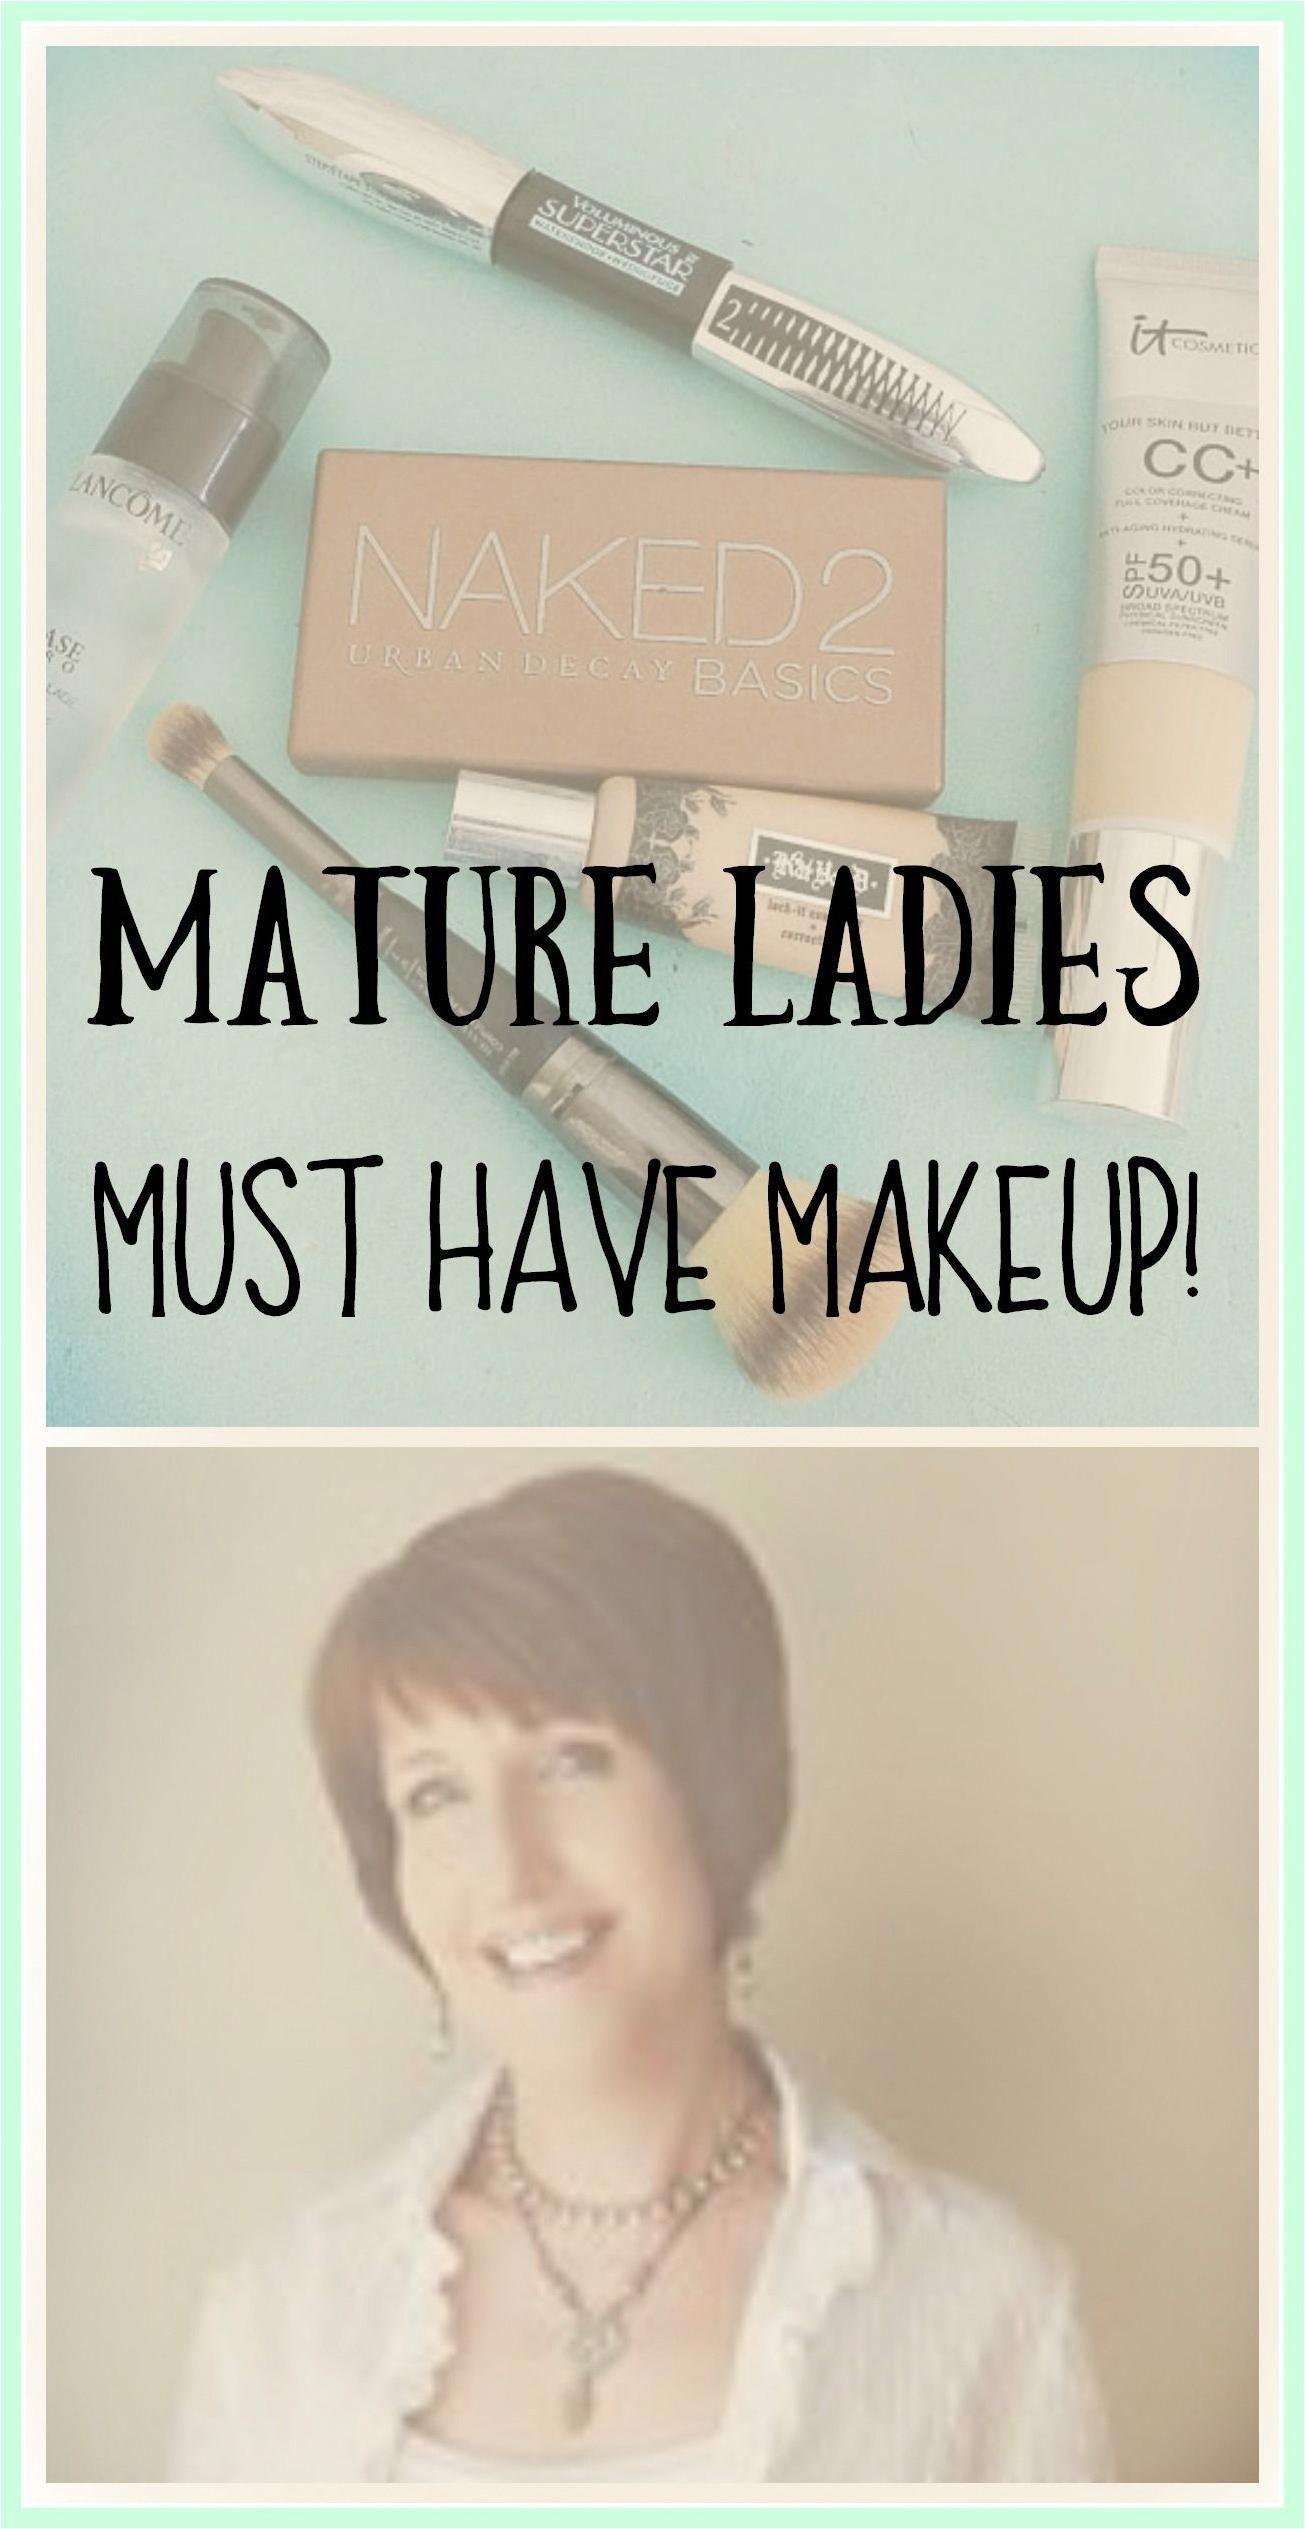 Best Face Cream For Over 60 Skin Best Moisturiser For 40s Top